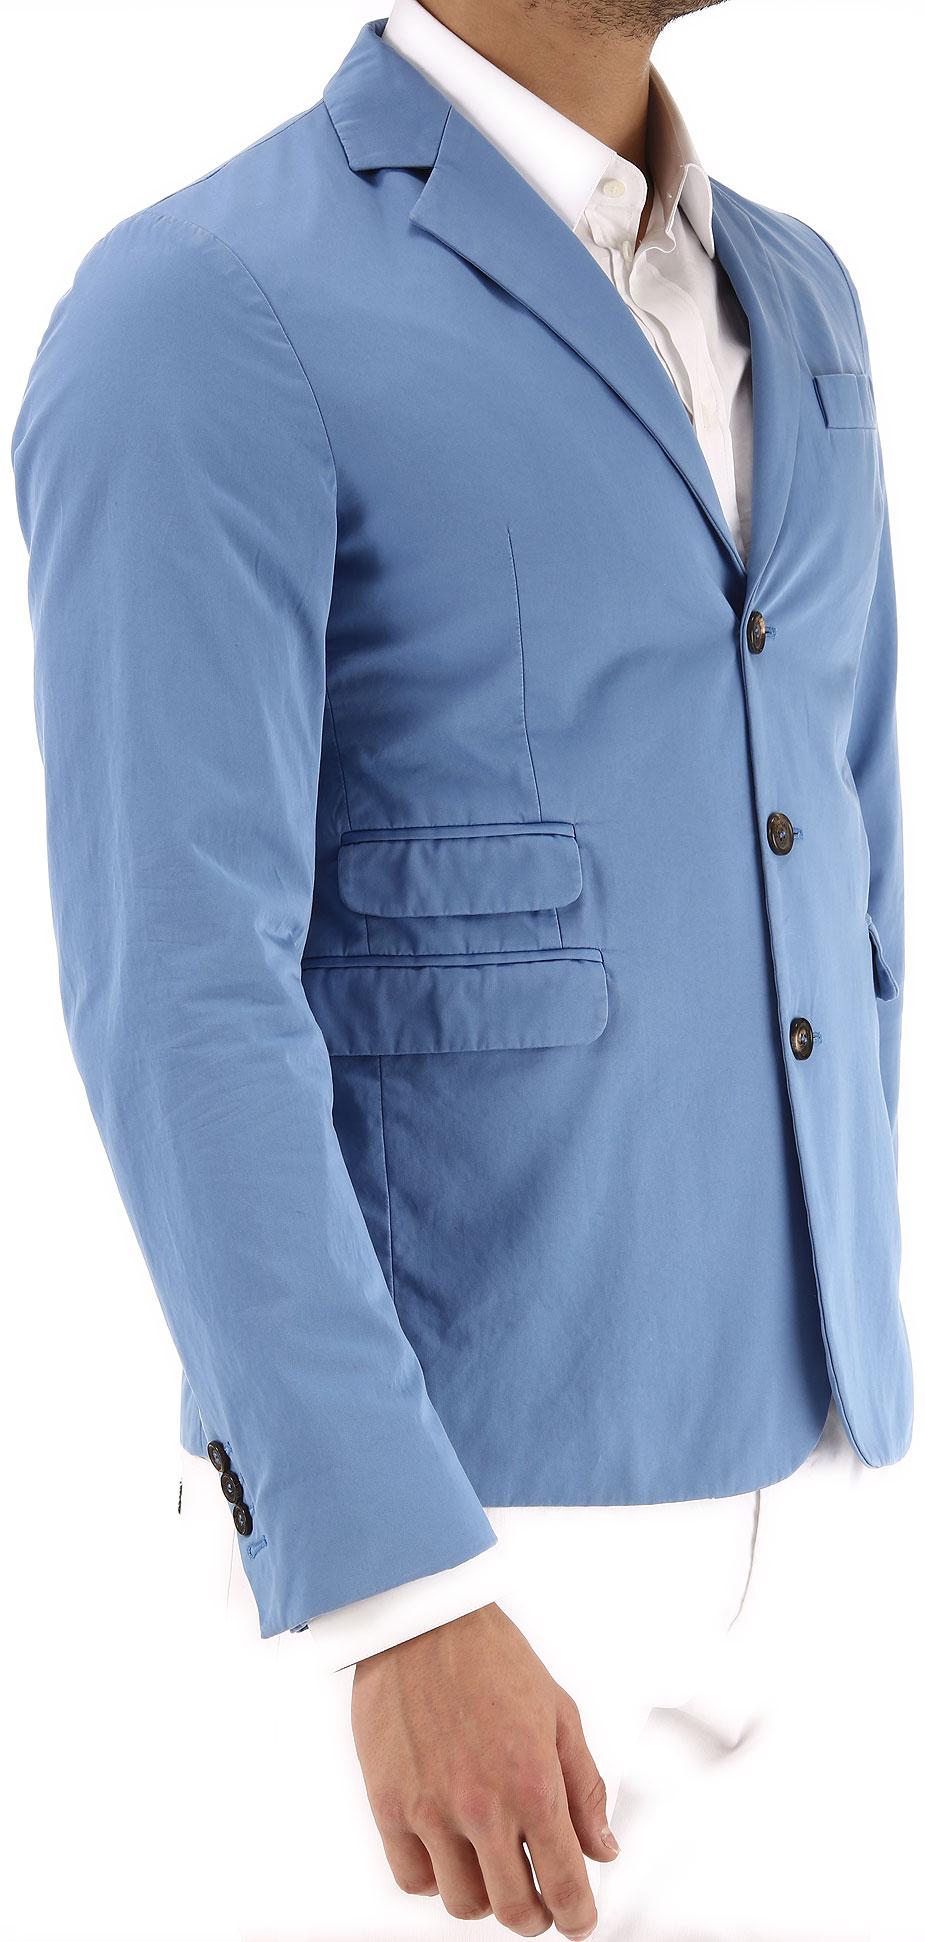 Dsquared Abbigliamento Codice s41796 514 Abbigliamento bn0520 Uomo Uomo Articolo ptza5vxqxn